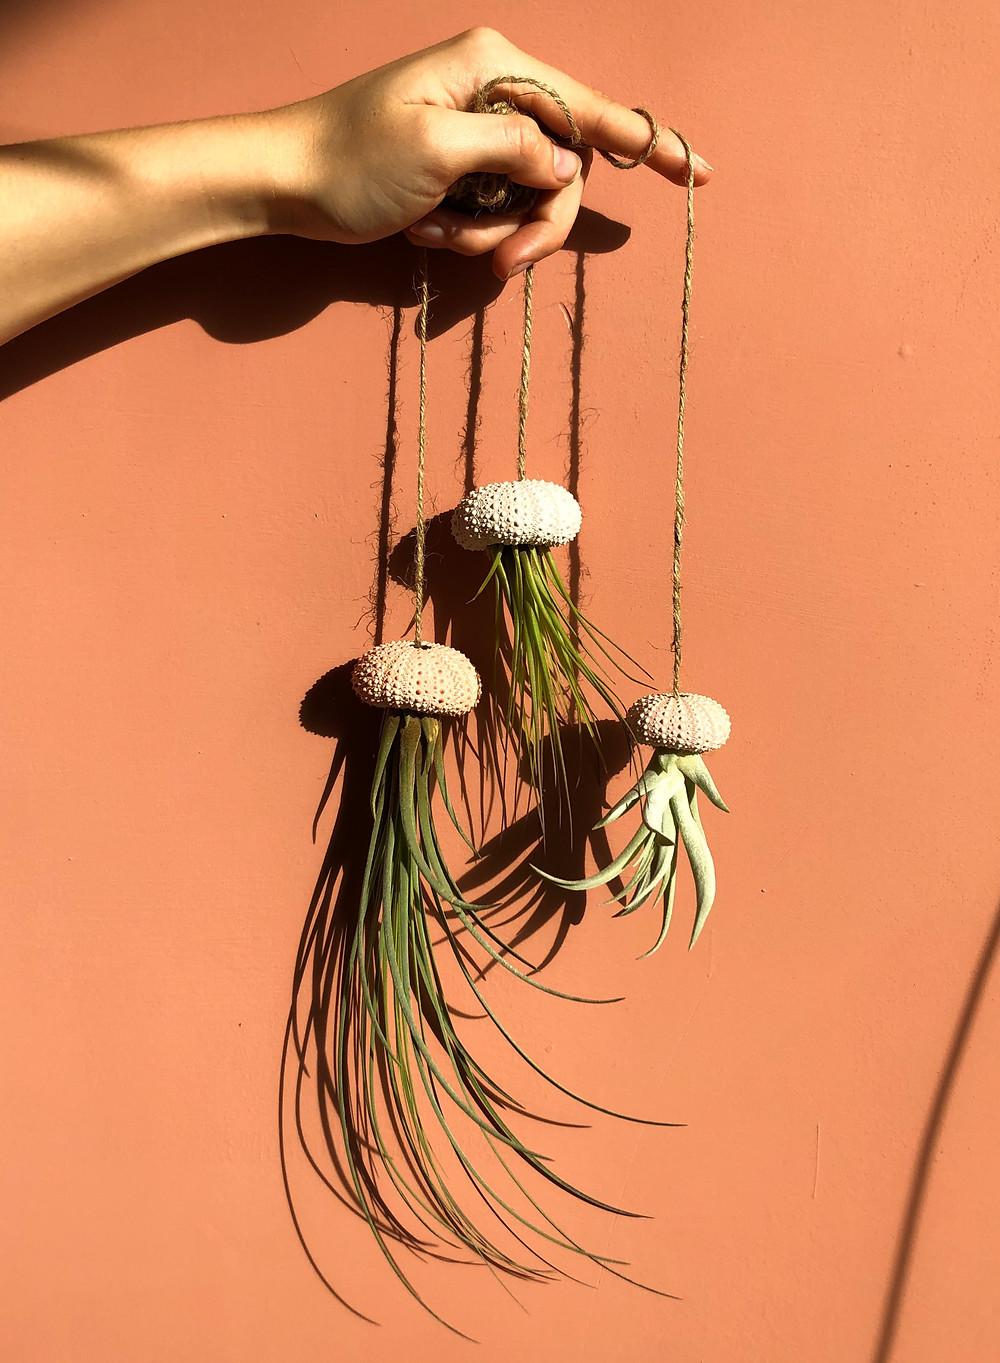 luchtplantjes kwallen, jellyfish airplants diy